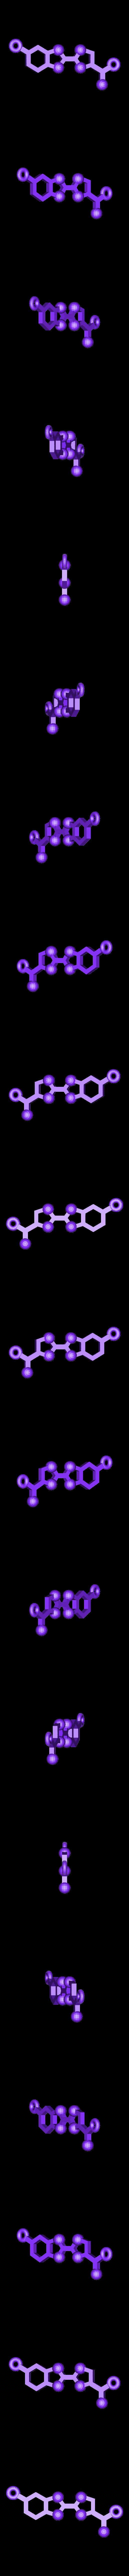 luciferin-v03.stl Télécharger fichier STL gratuit Collier de molécules de luciférine • Plan pour imprimante 3D, Vishell